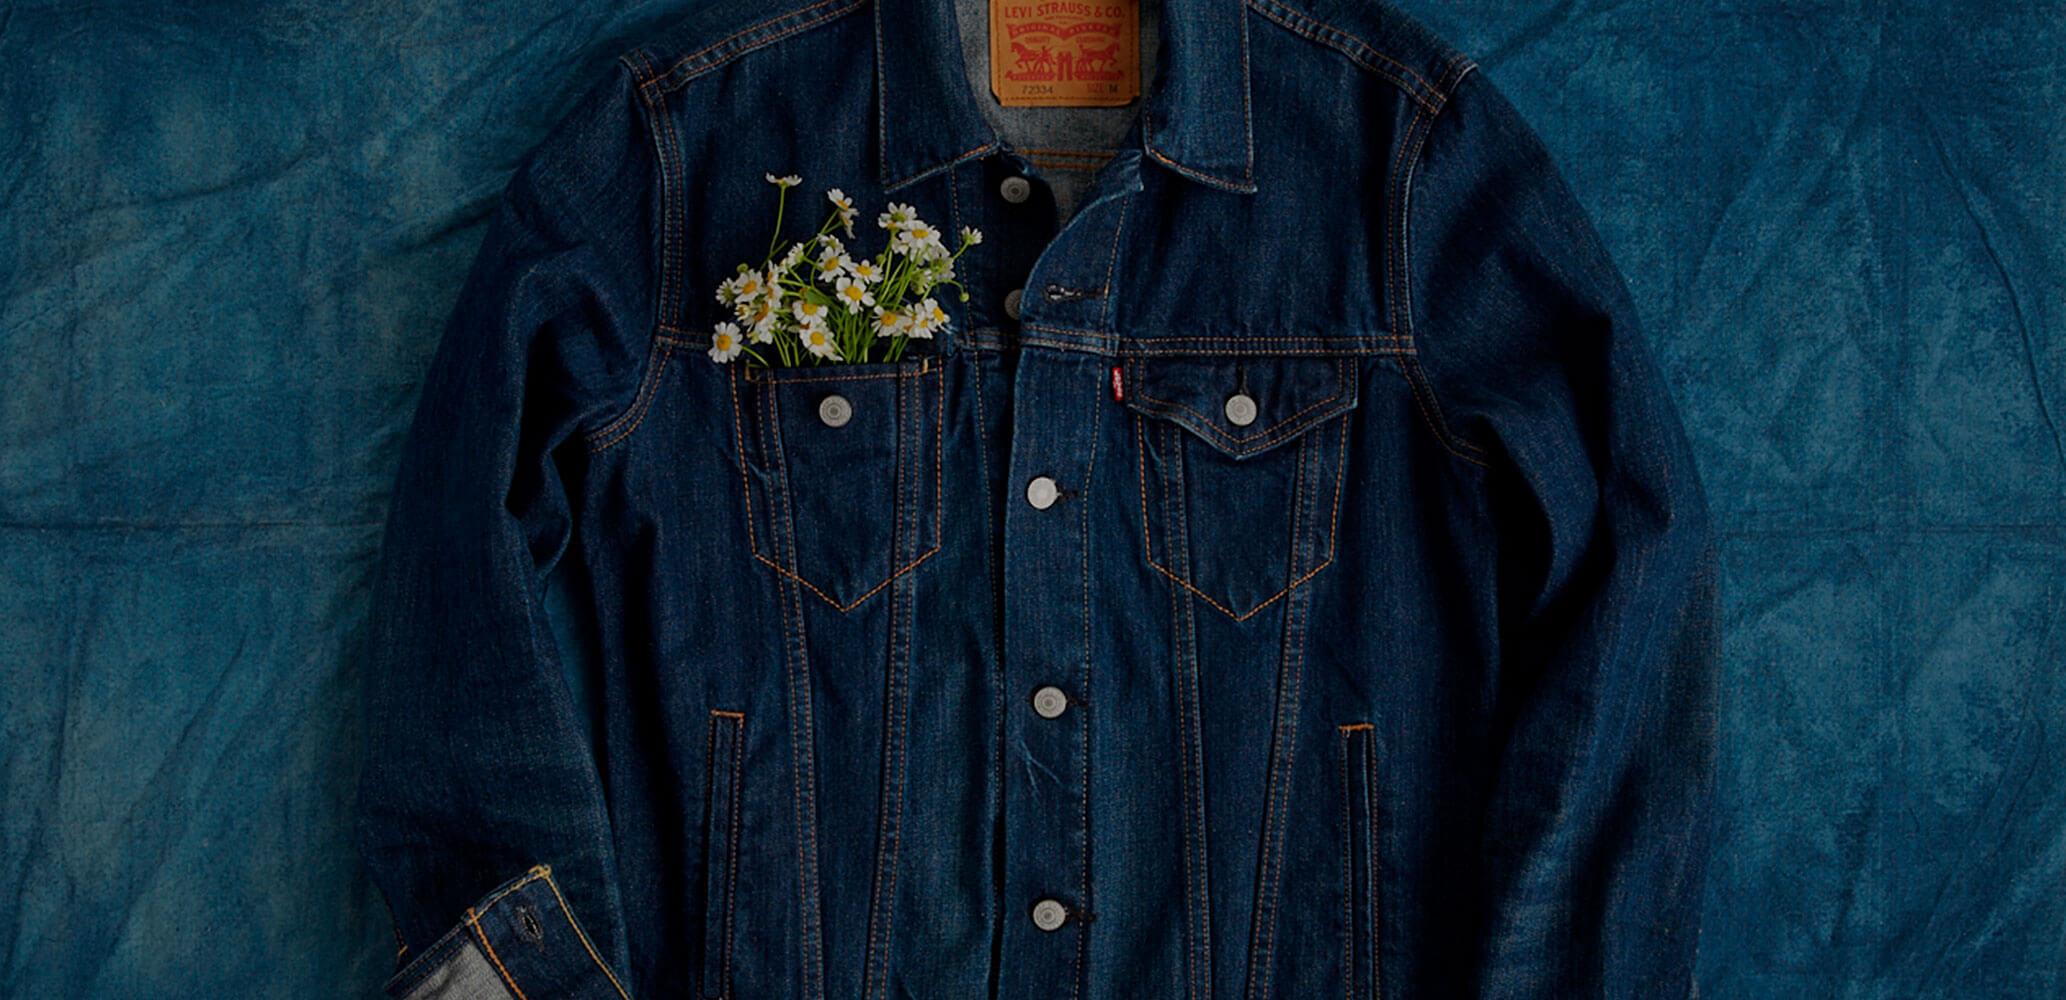 dia de la tierra levis denim jeans levi's